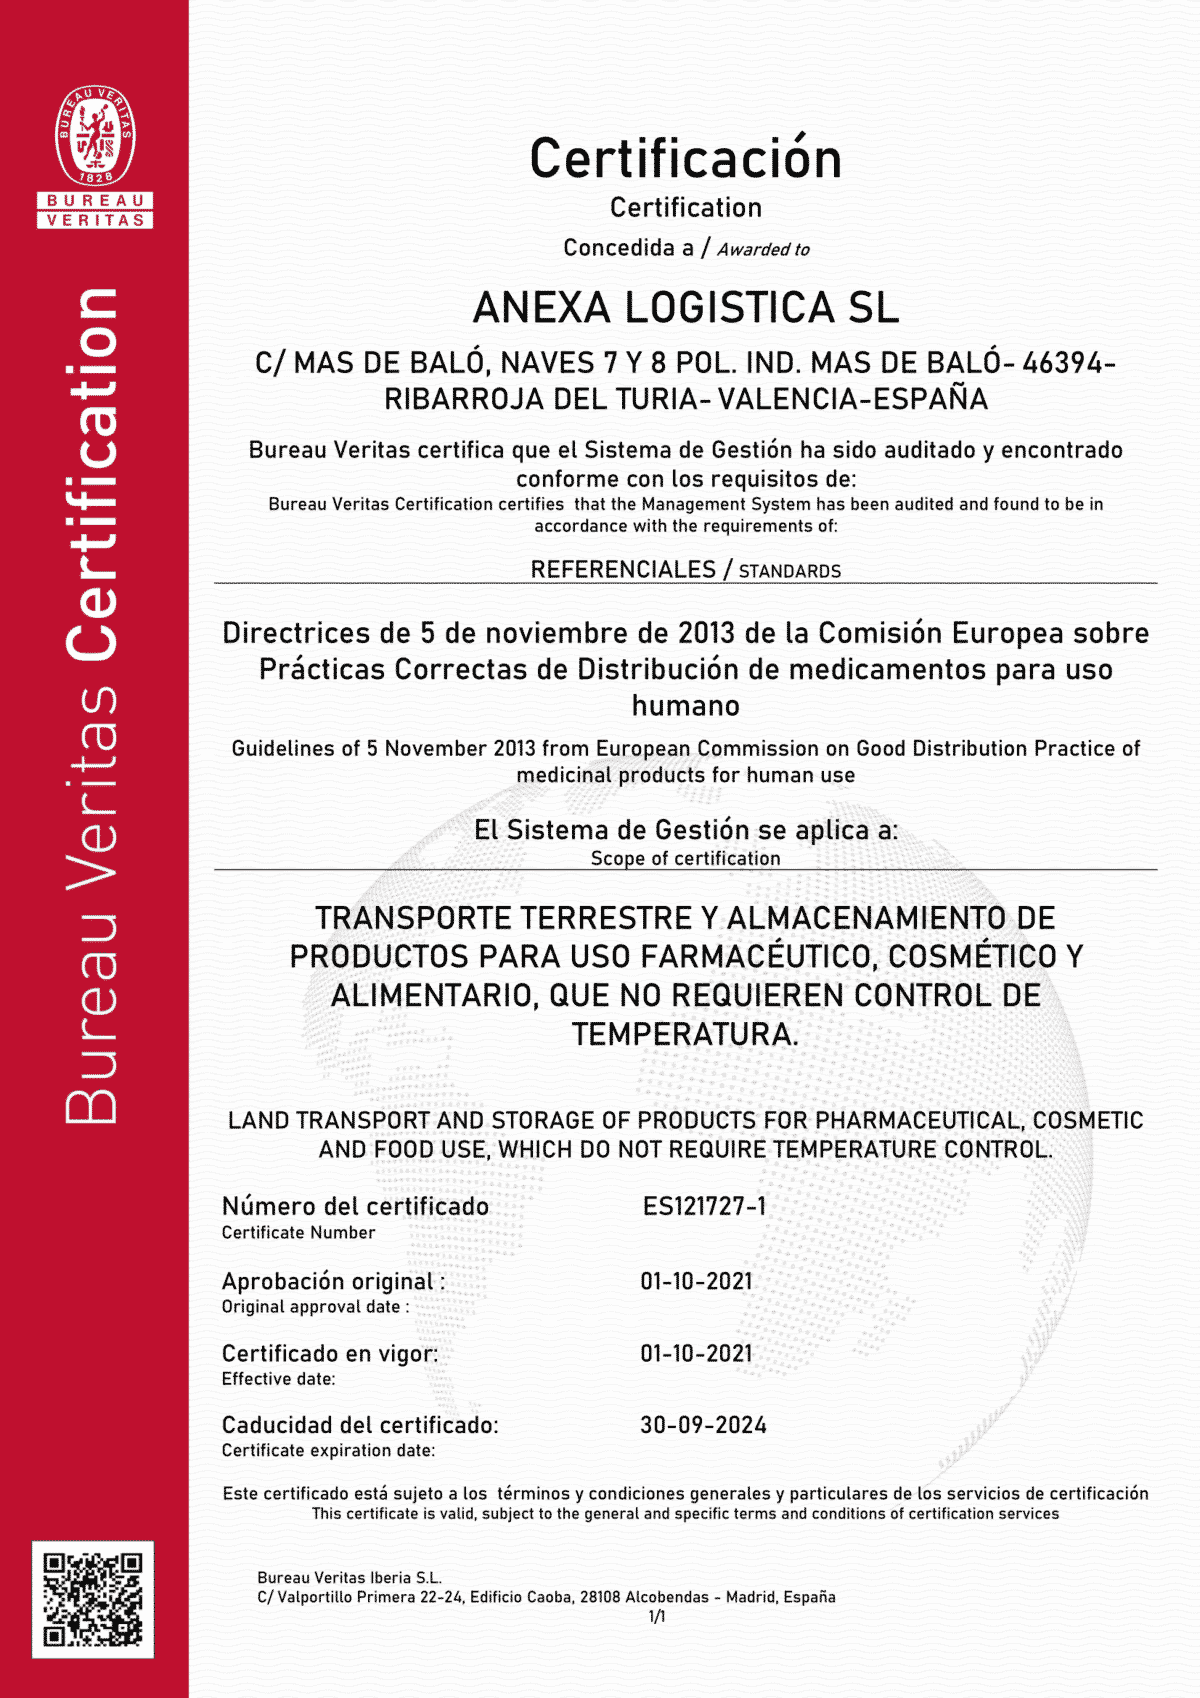 GDP-DISTRIBUCION_BILINGUE-_ANEXA-LOGISTICA-SL.-1200x1698.png